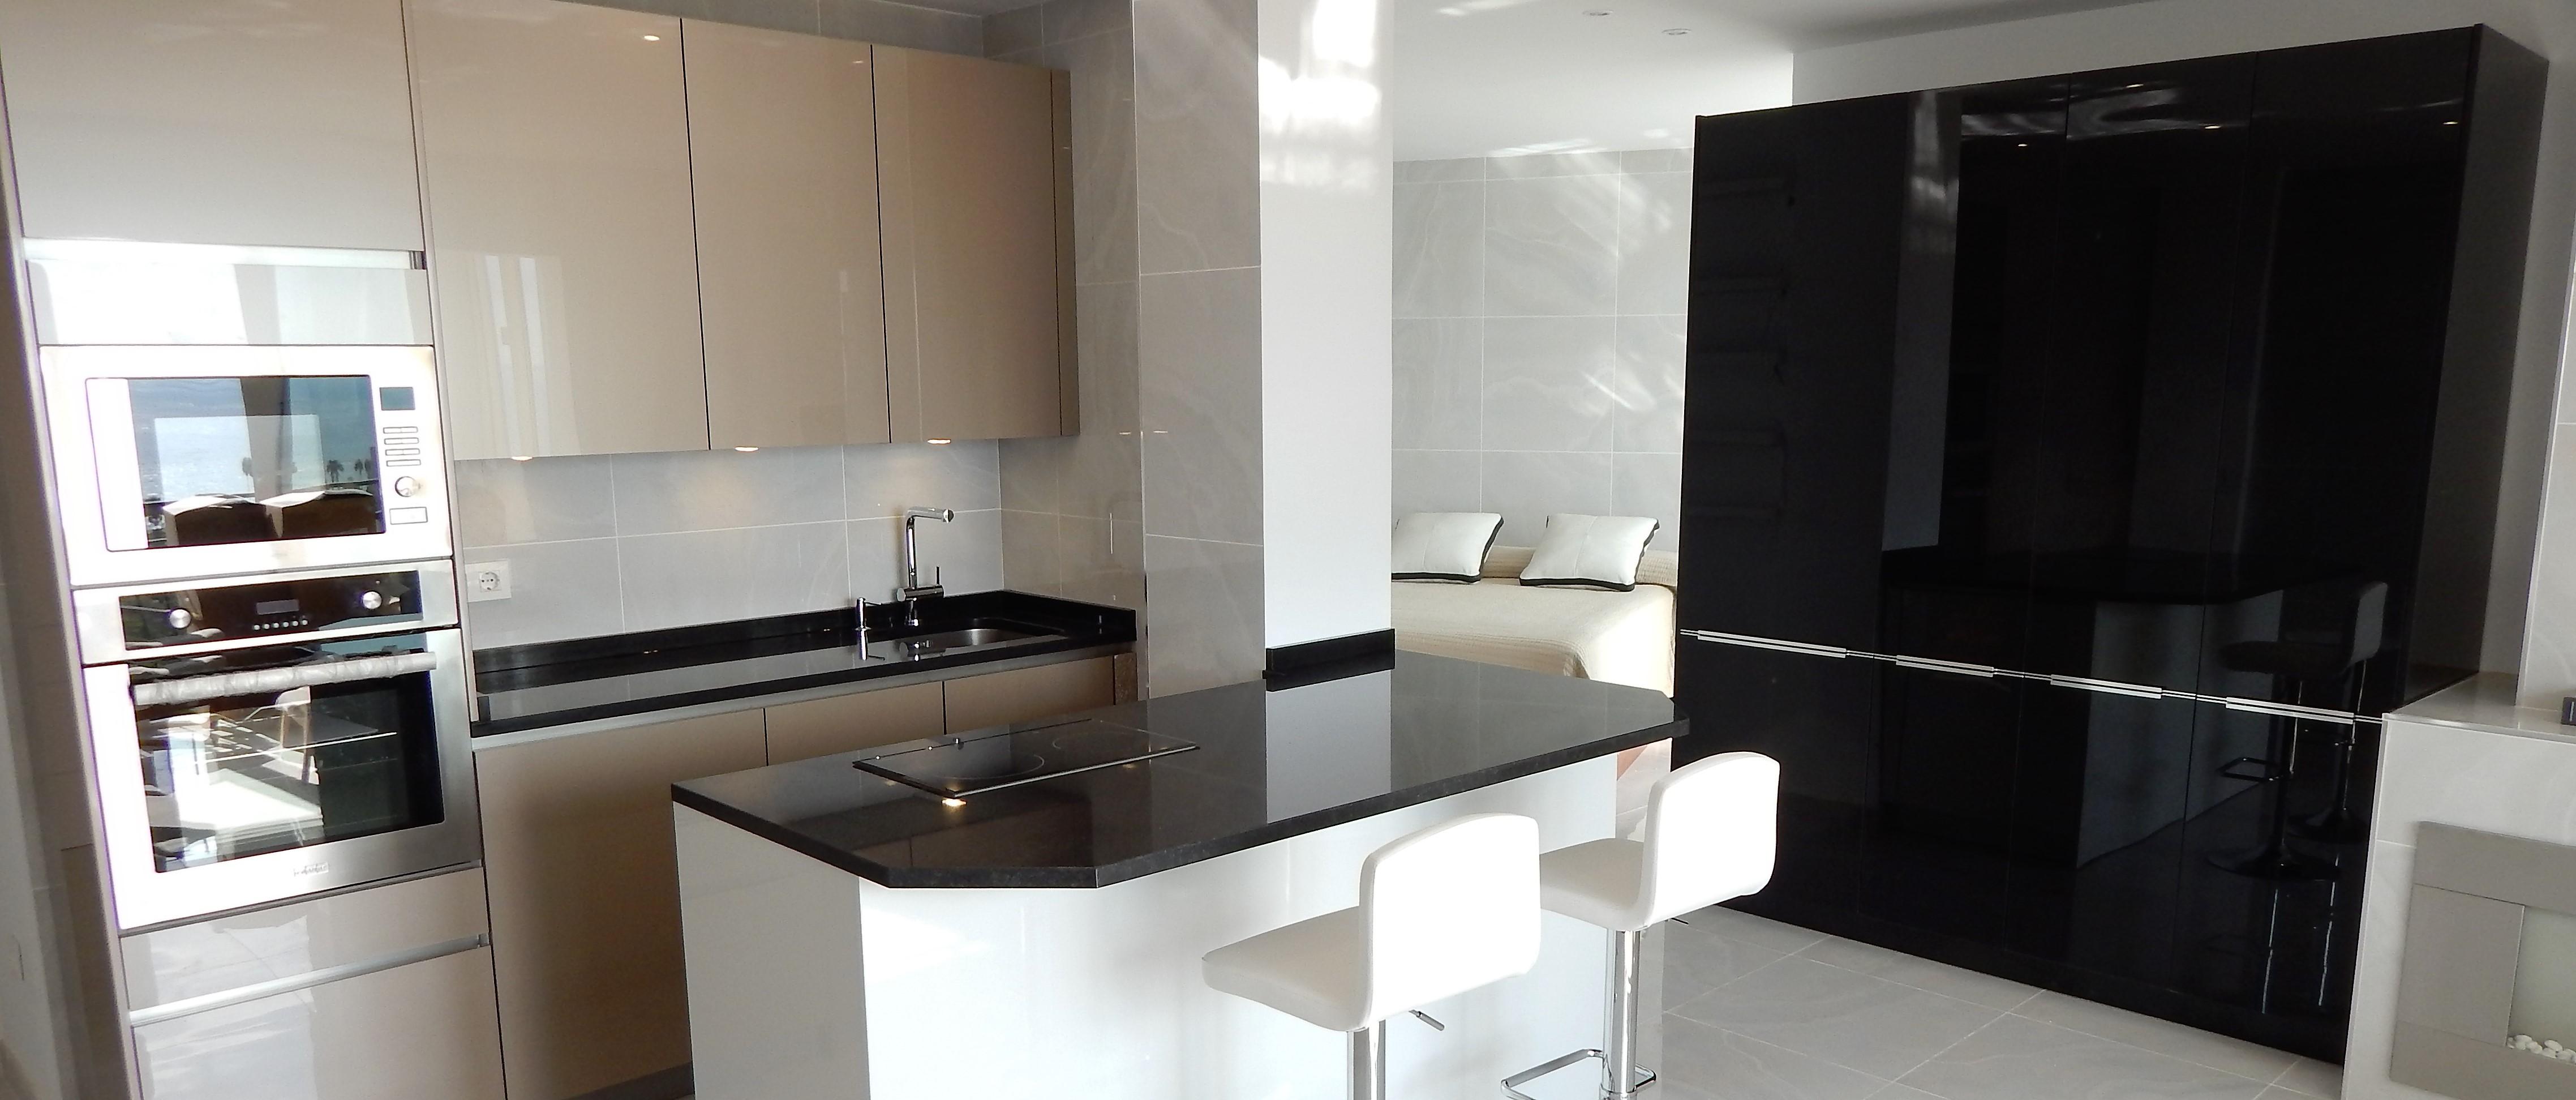 Muebles de cocina de cristal for Muebles de cristal